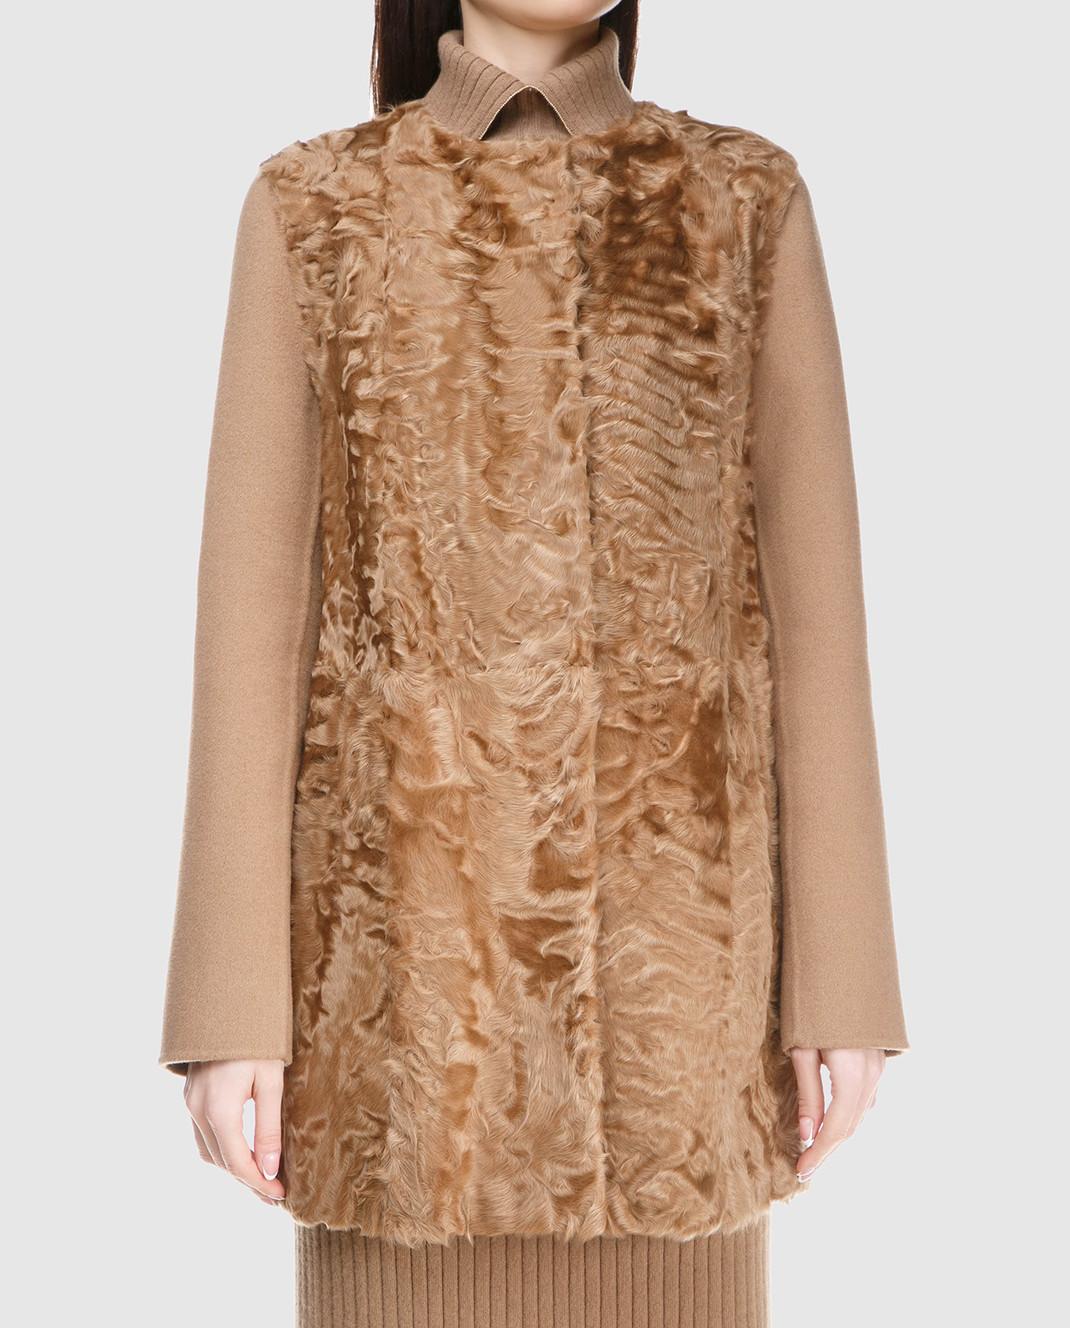 Yves Salomon Бежевое пальто из шерсти с деталями из меха ягненка 8WYM70580JNCA изображение 3